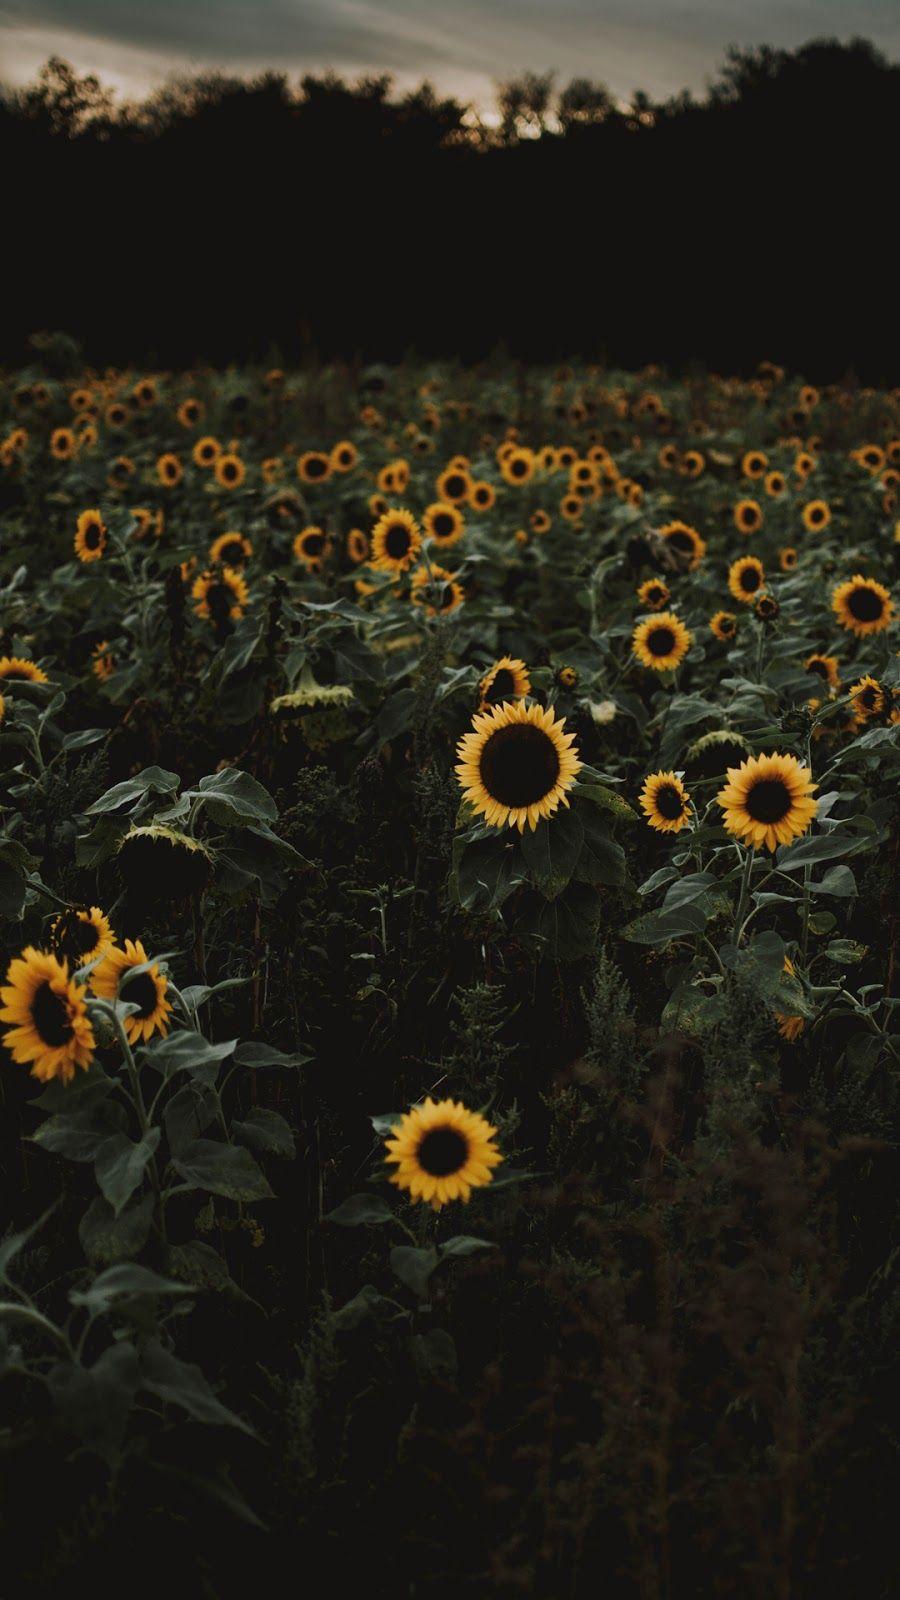 Sunflowers | Sunflower wallpaper, Sunflower iphone ...